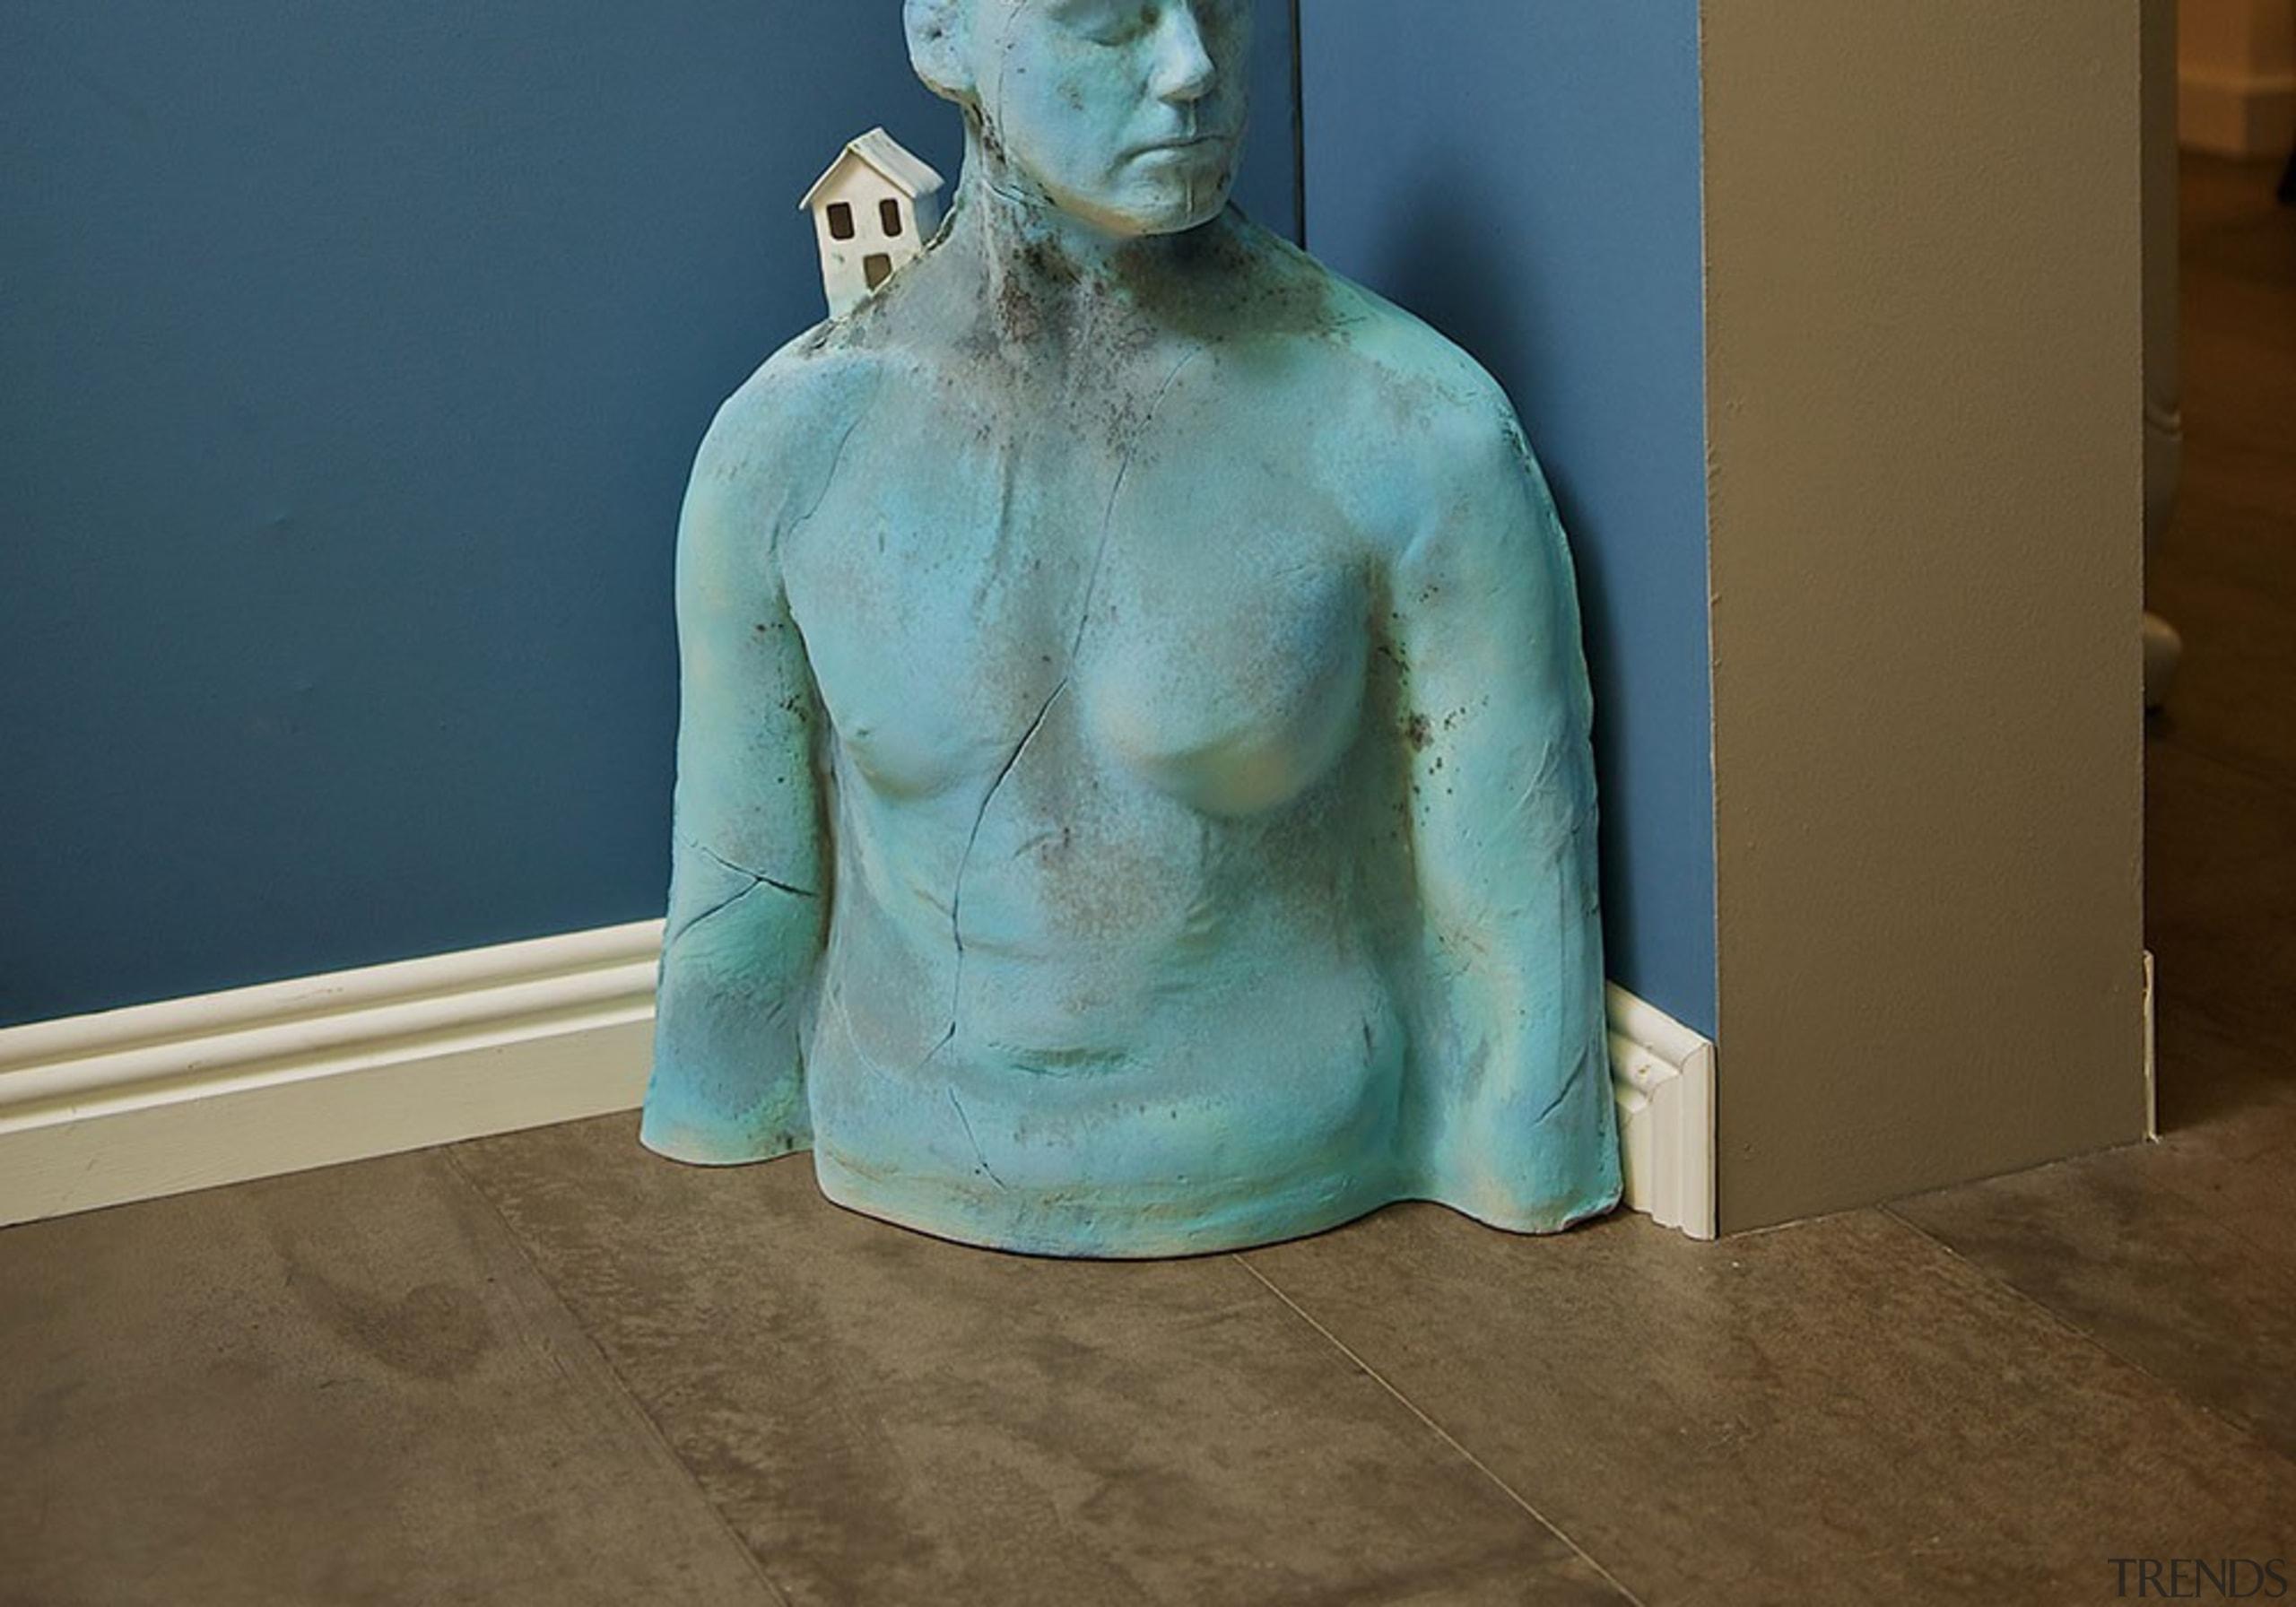 blue house 4 - blue_house_4 - art   art, classical sculpture, sculpture, statue, trunk, brown, teal